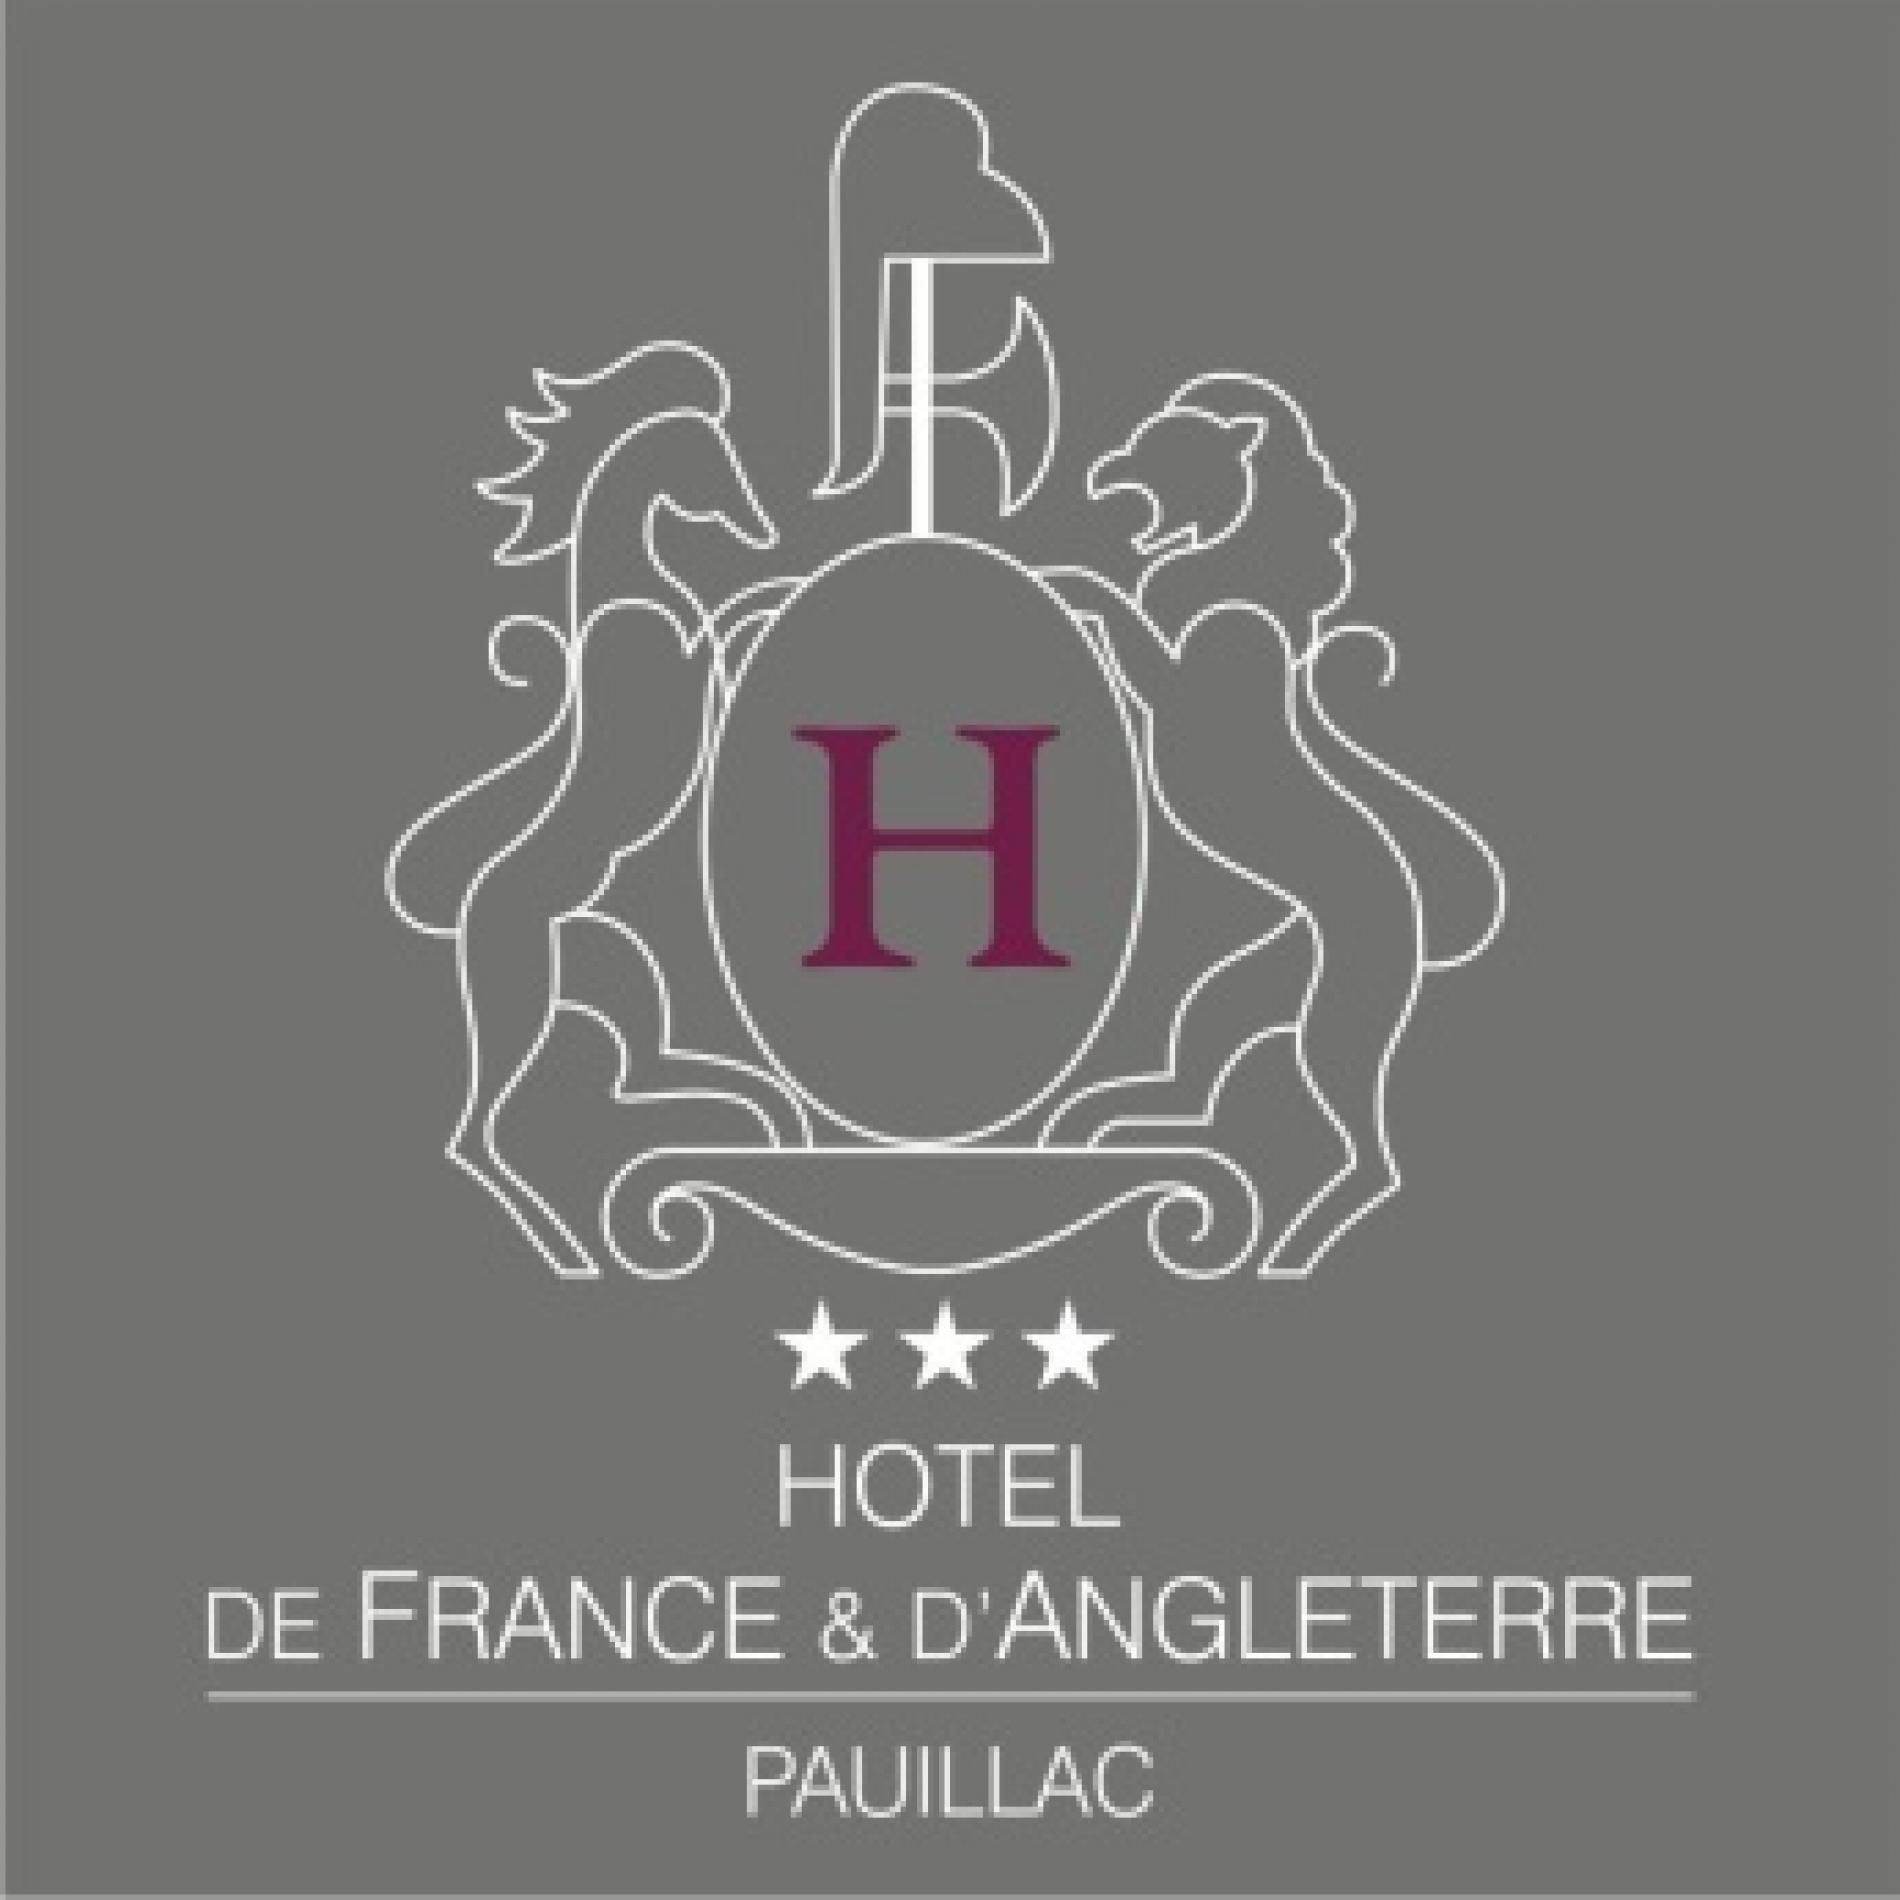 Logo hotel et restaurant de france et d'angleterre